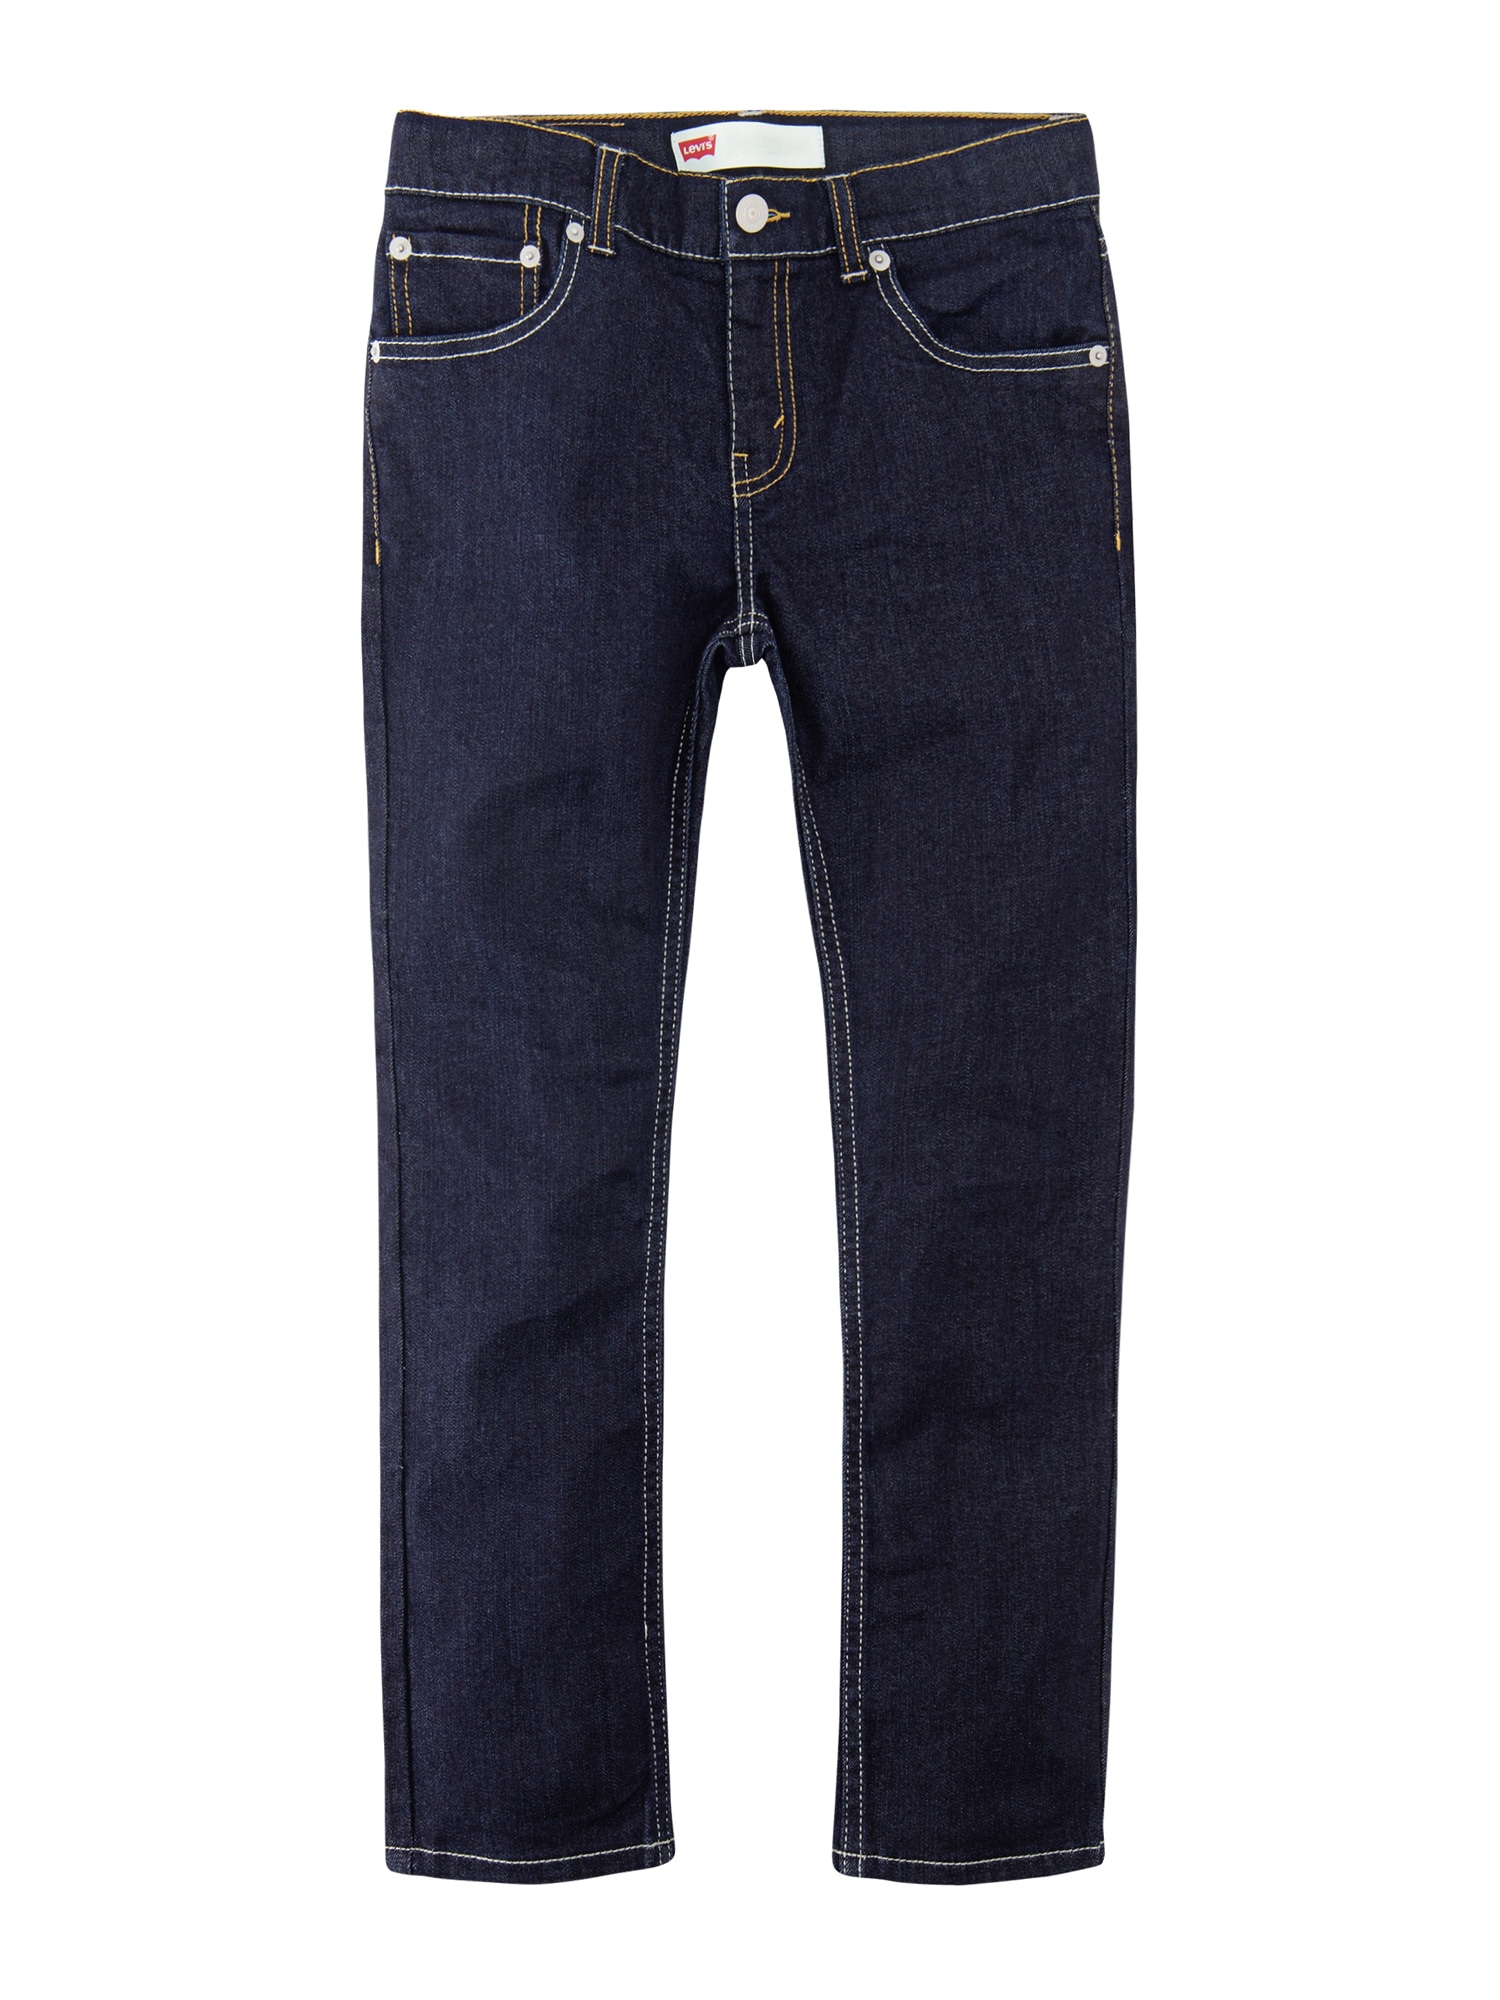 LEVI'S Džinsai '510' tamsiai (džinso) mėlyna